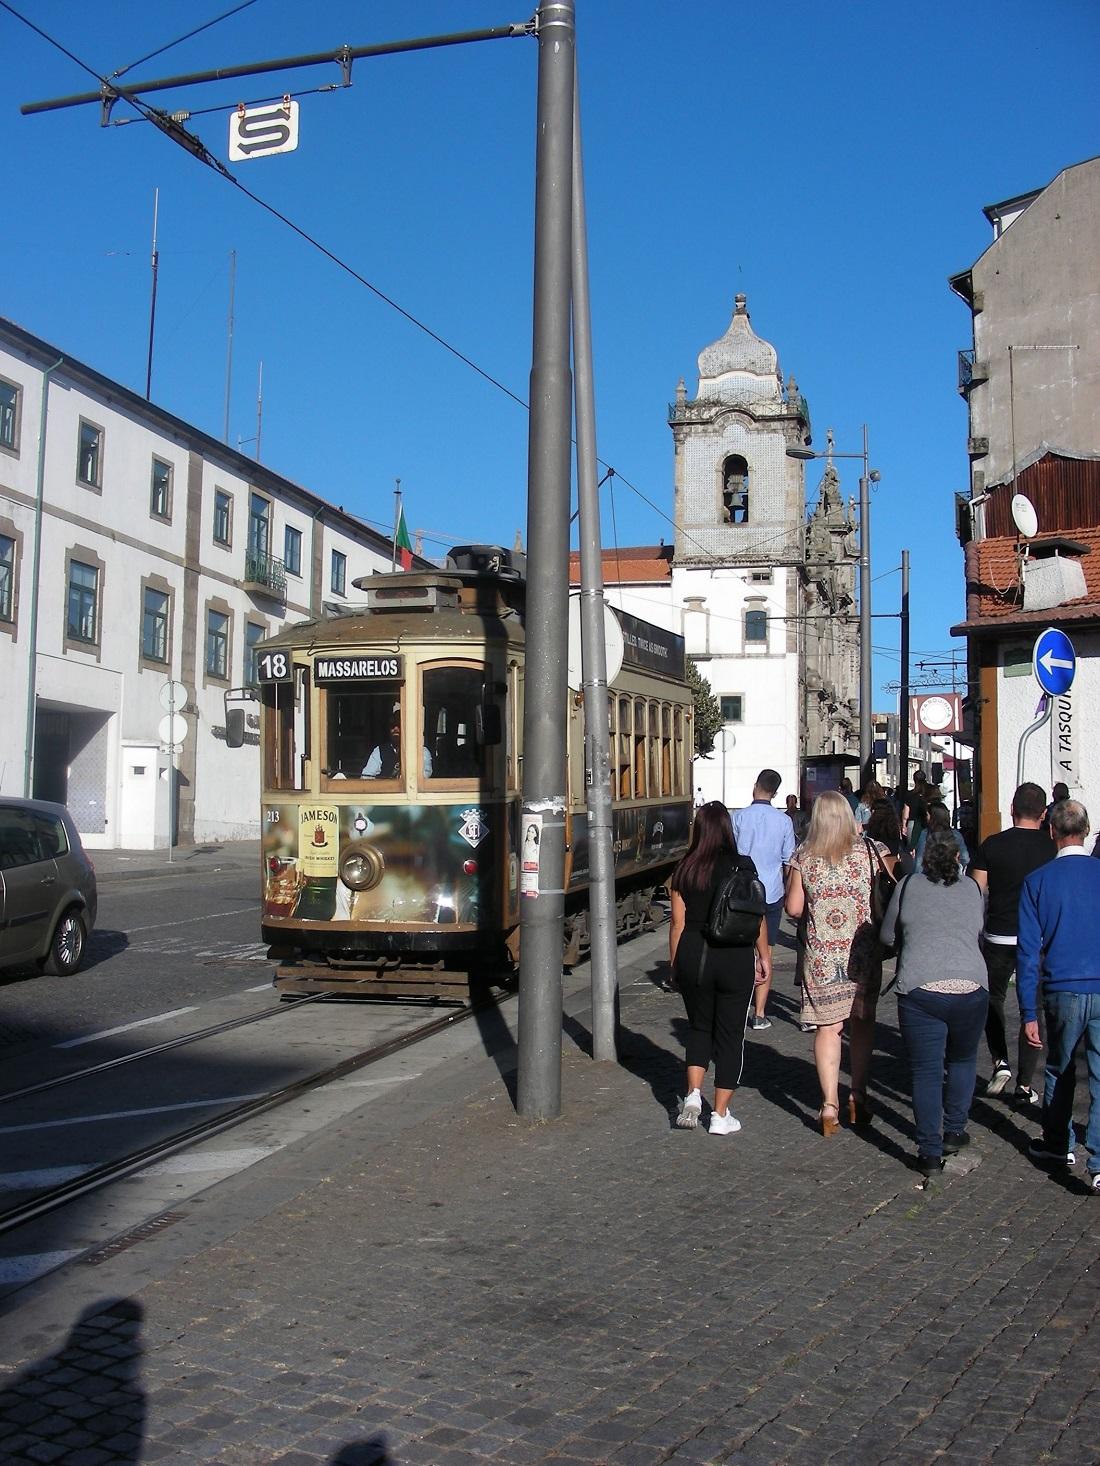 Villamos a Rua do Carmón. Három viszonylat maradt meg (1, 18, 22), a többit felszámolták